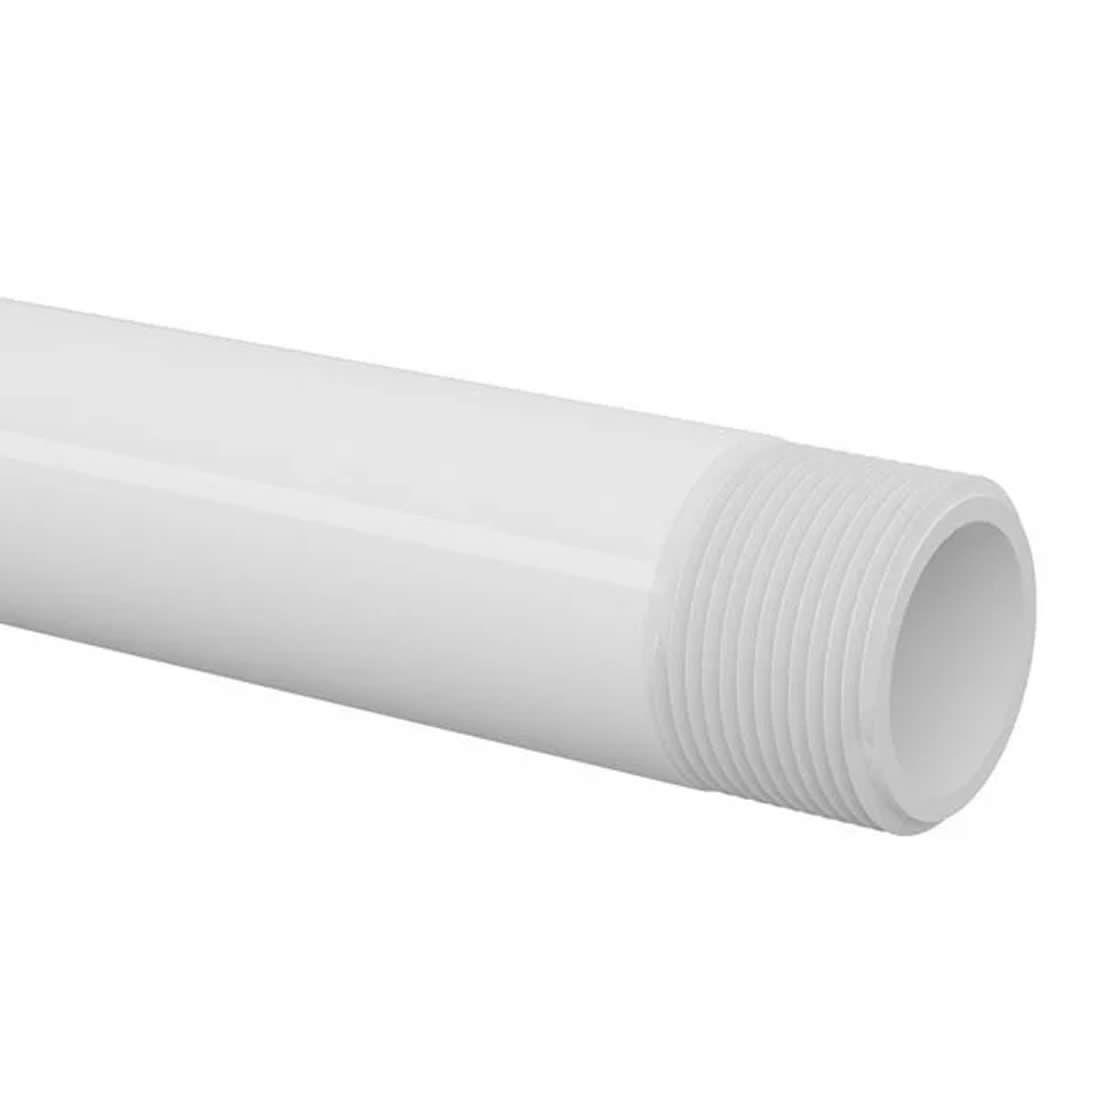 Tubo Roscável Branco 1'' X 6 Metros Tigre